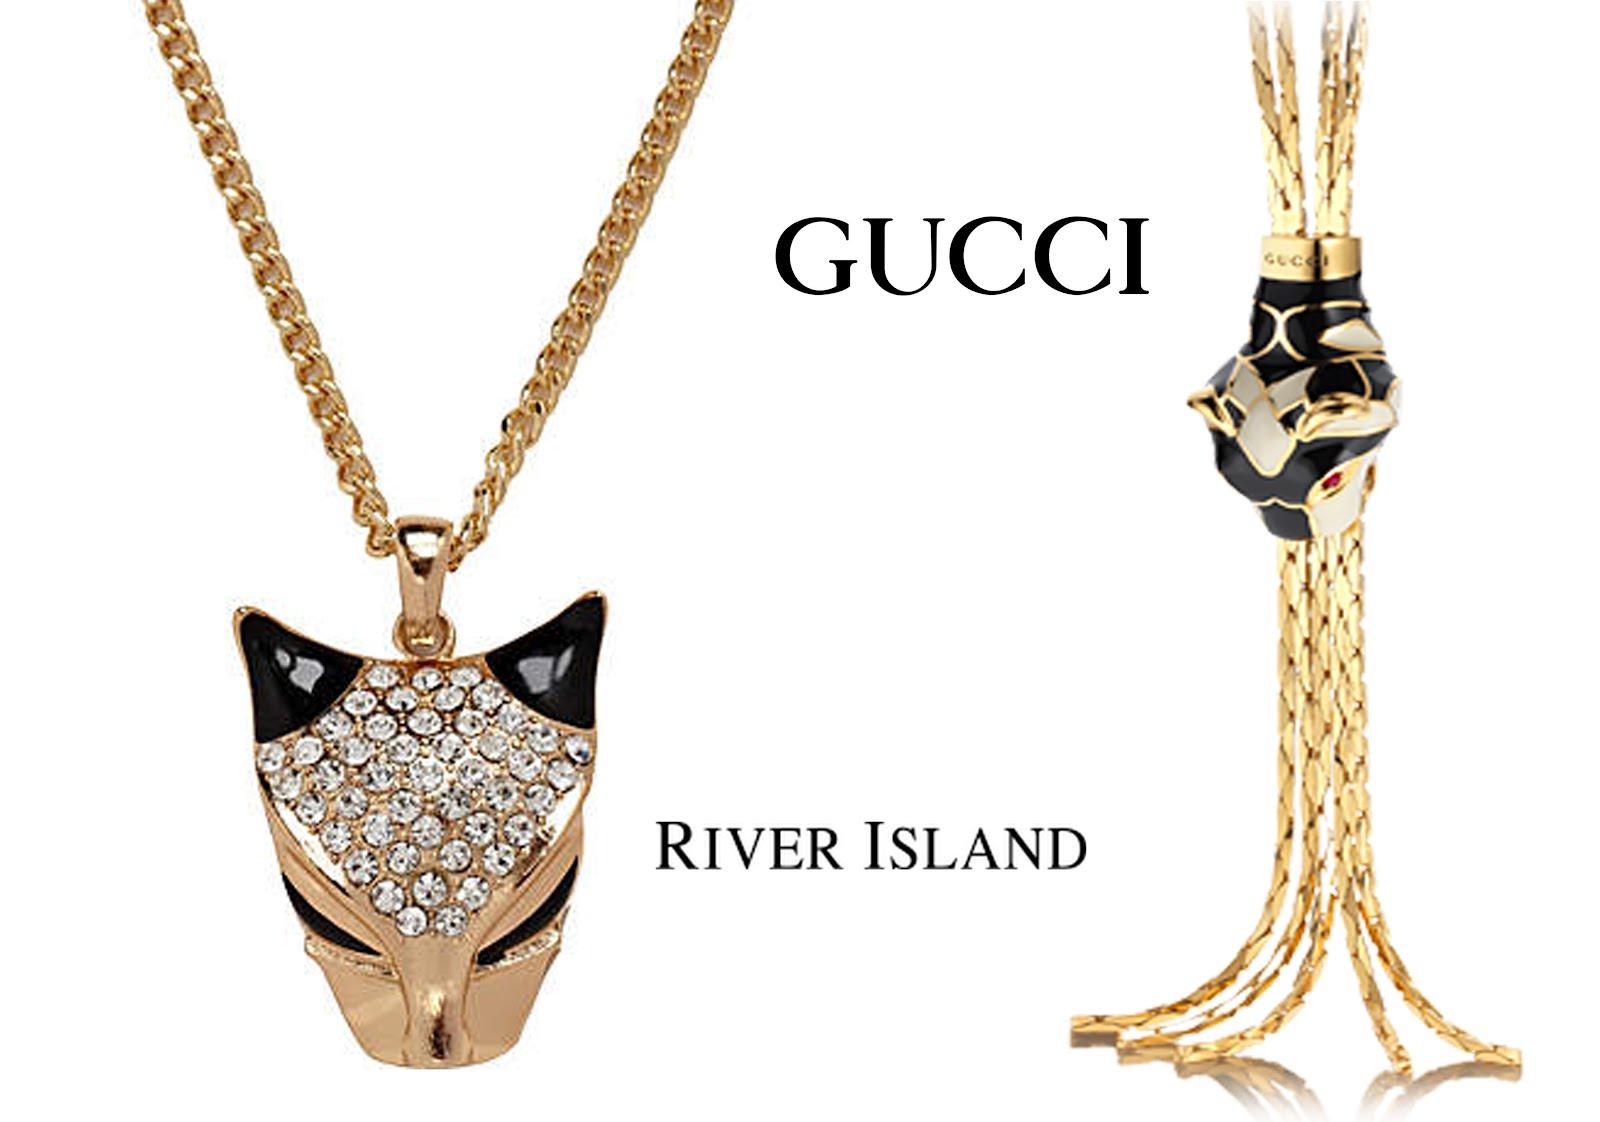 Gucci Tiger head necklace YuyercgOF8